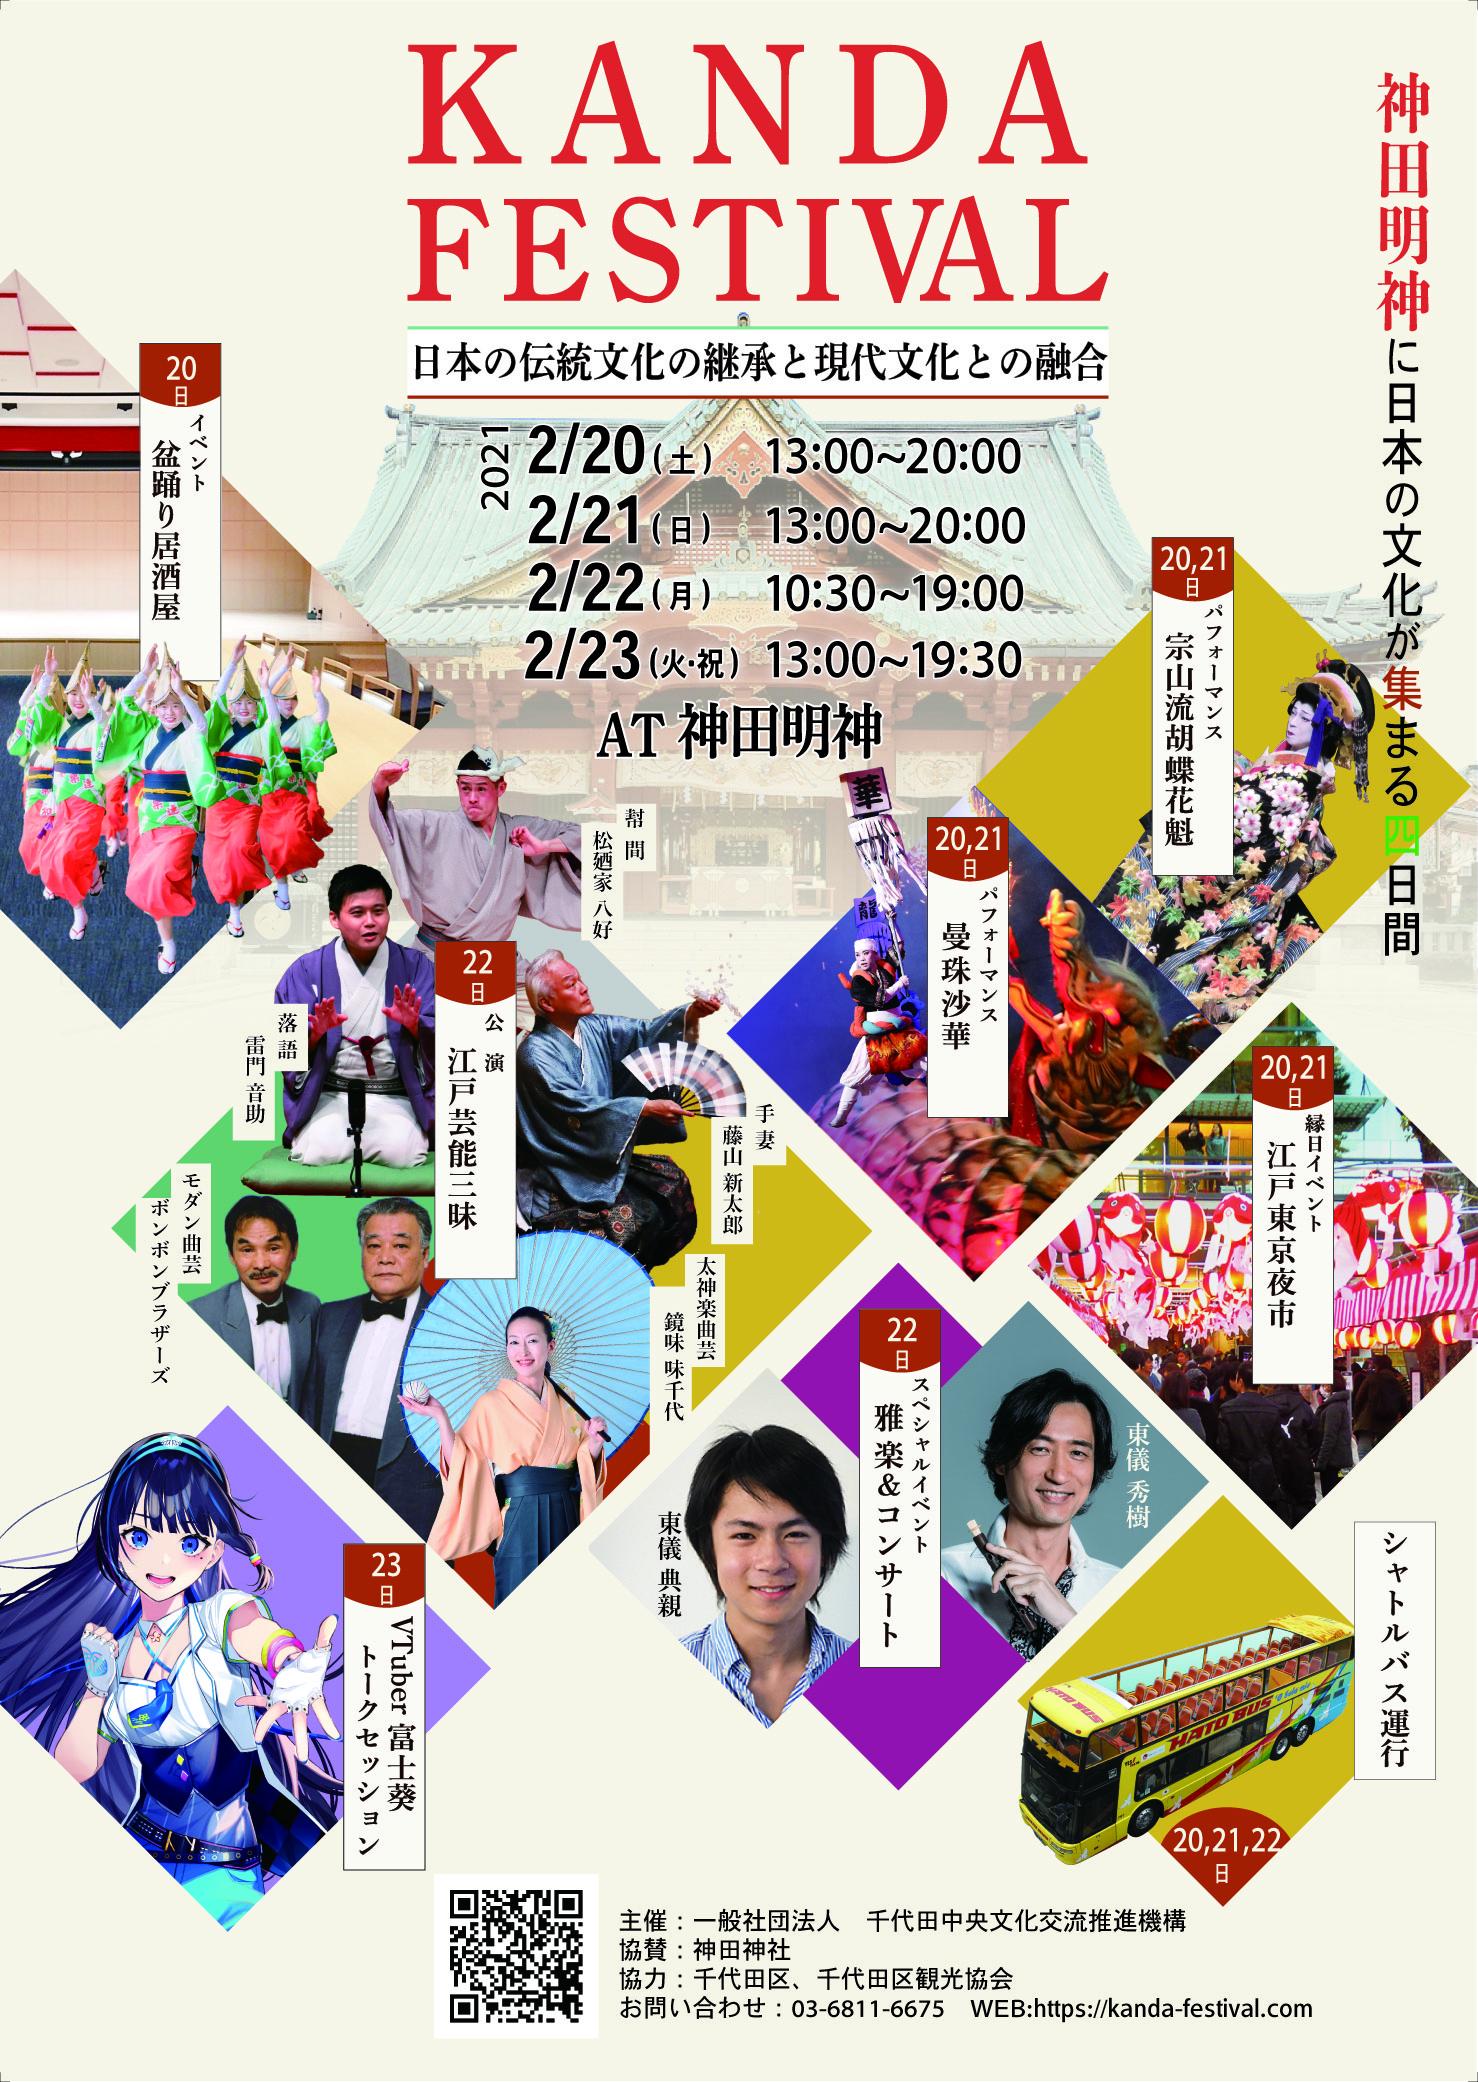 (日本語) 【PR】神田明神境内にてKANDA FESTIVALが開催されます。